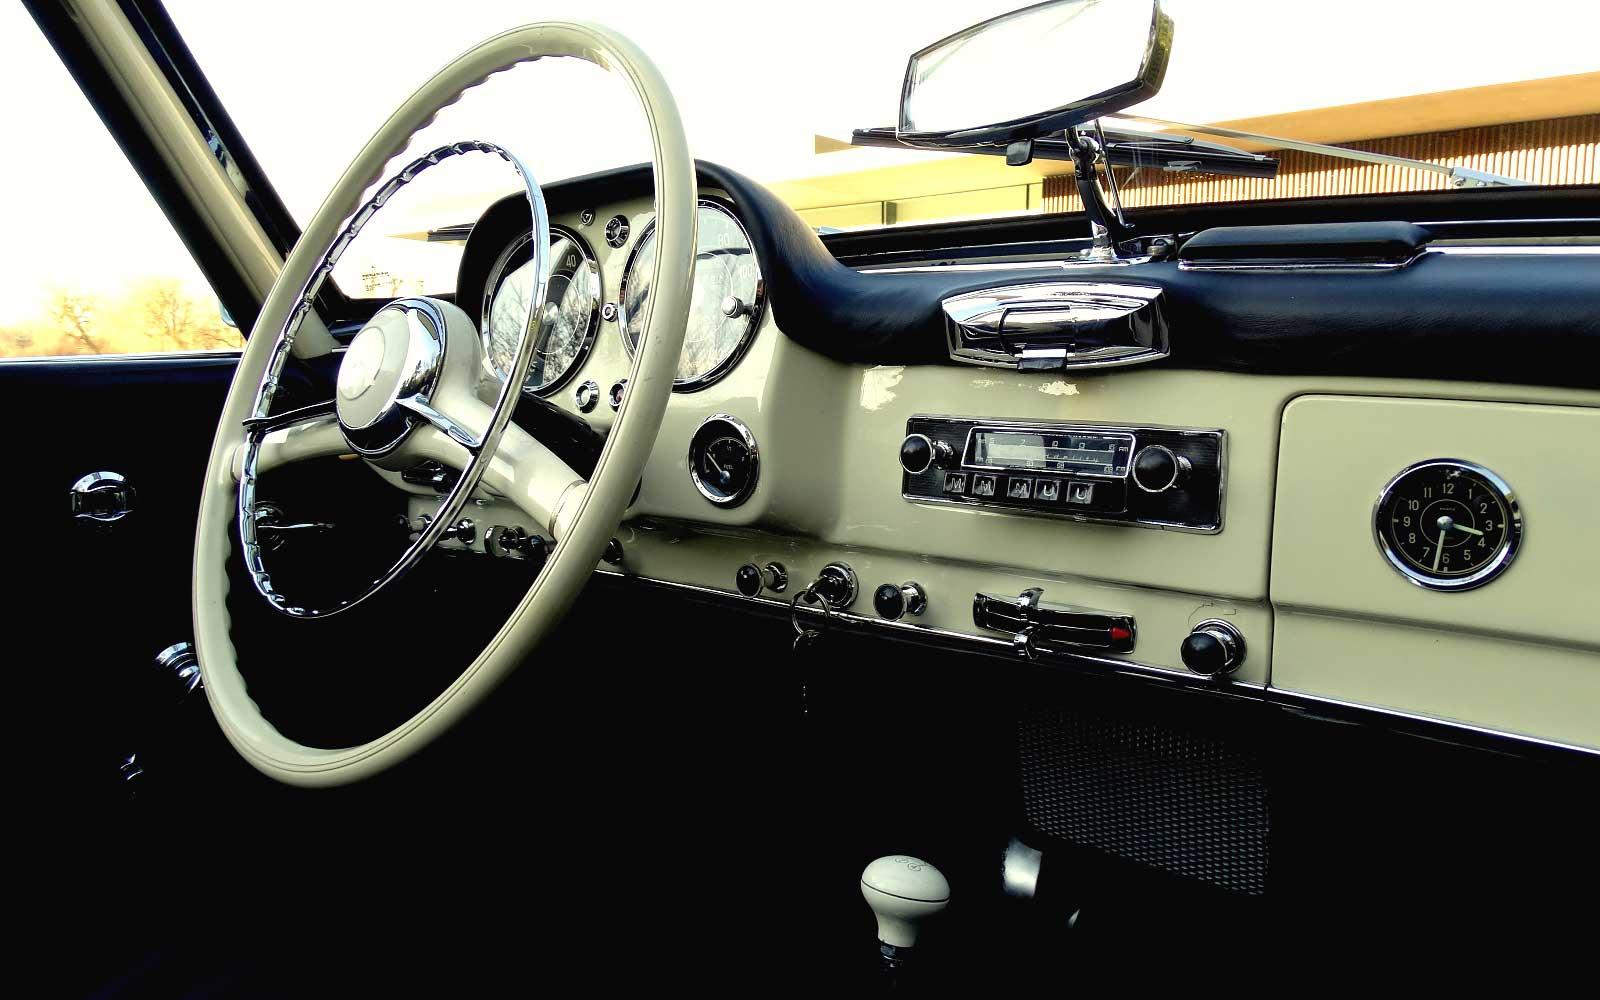 Une Mercedes-Benz 190 SL - w121 b2 - à vendre chez Vandenberghe à Sint-Martens-Latem (Belgique) Mb_w121b2_190_sl_street_170321_17_w1600_1000